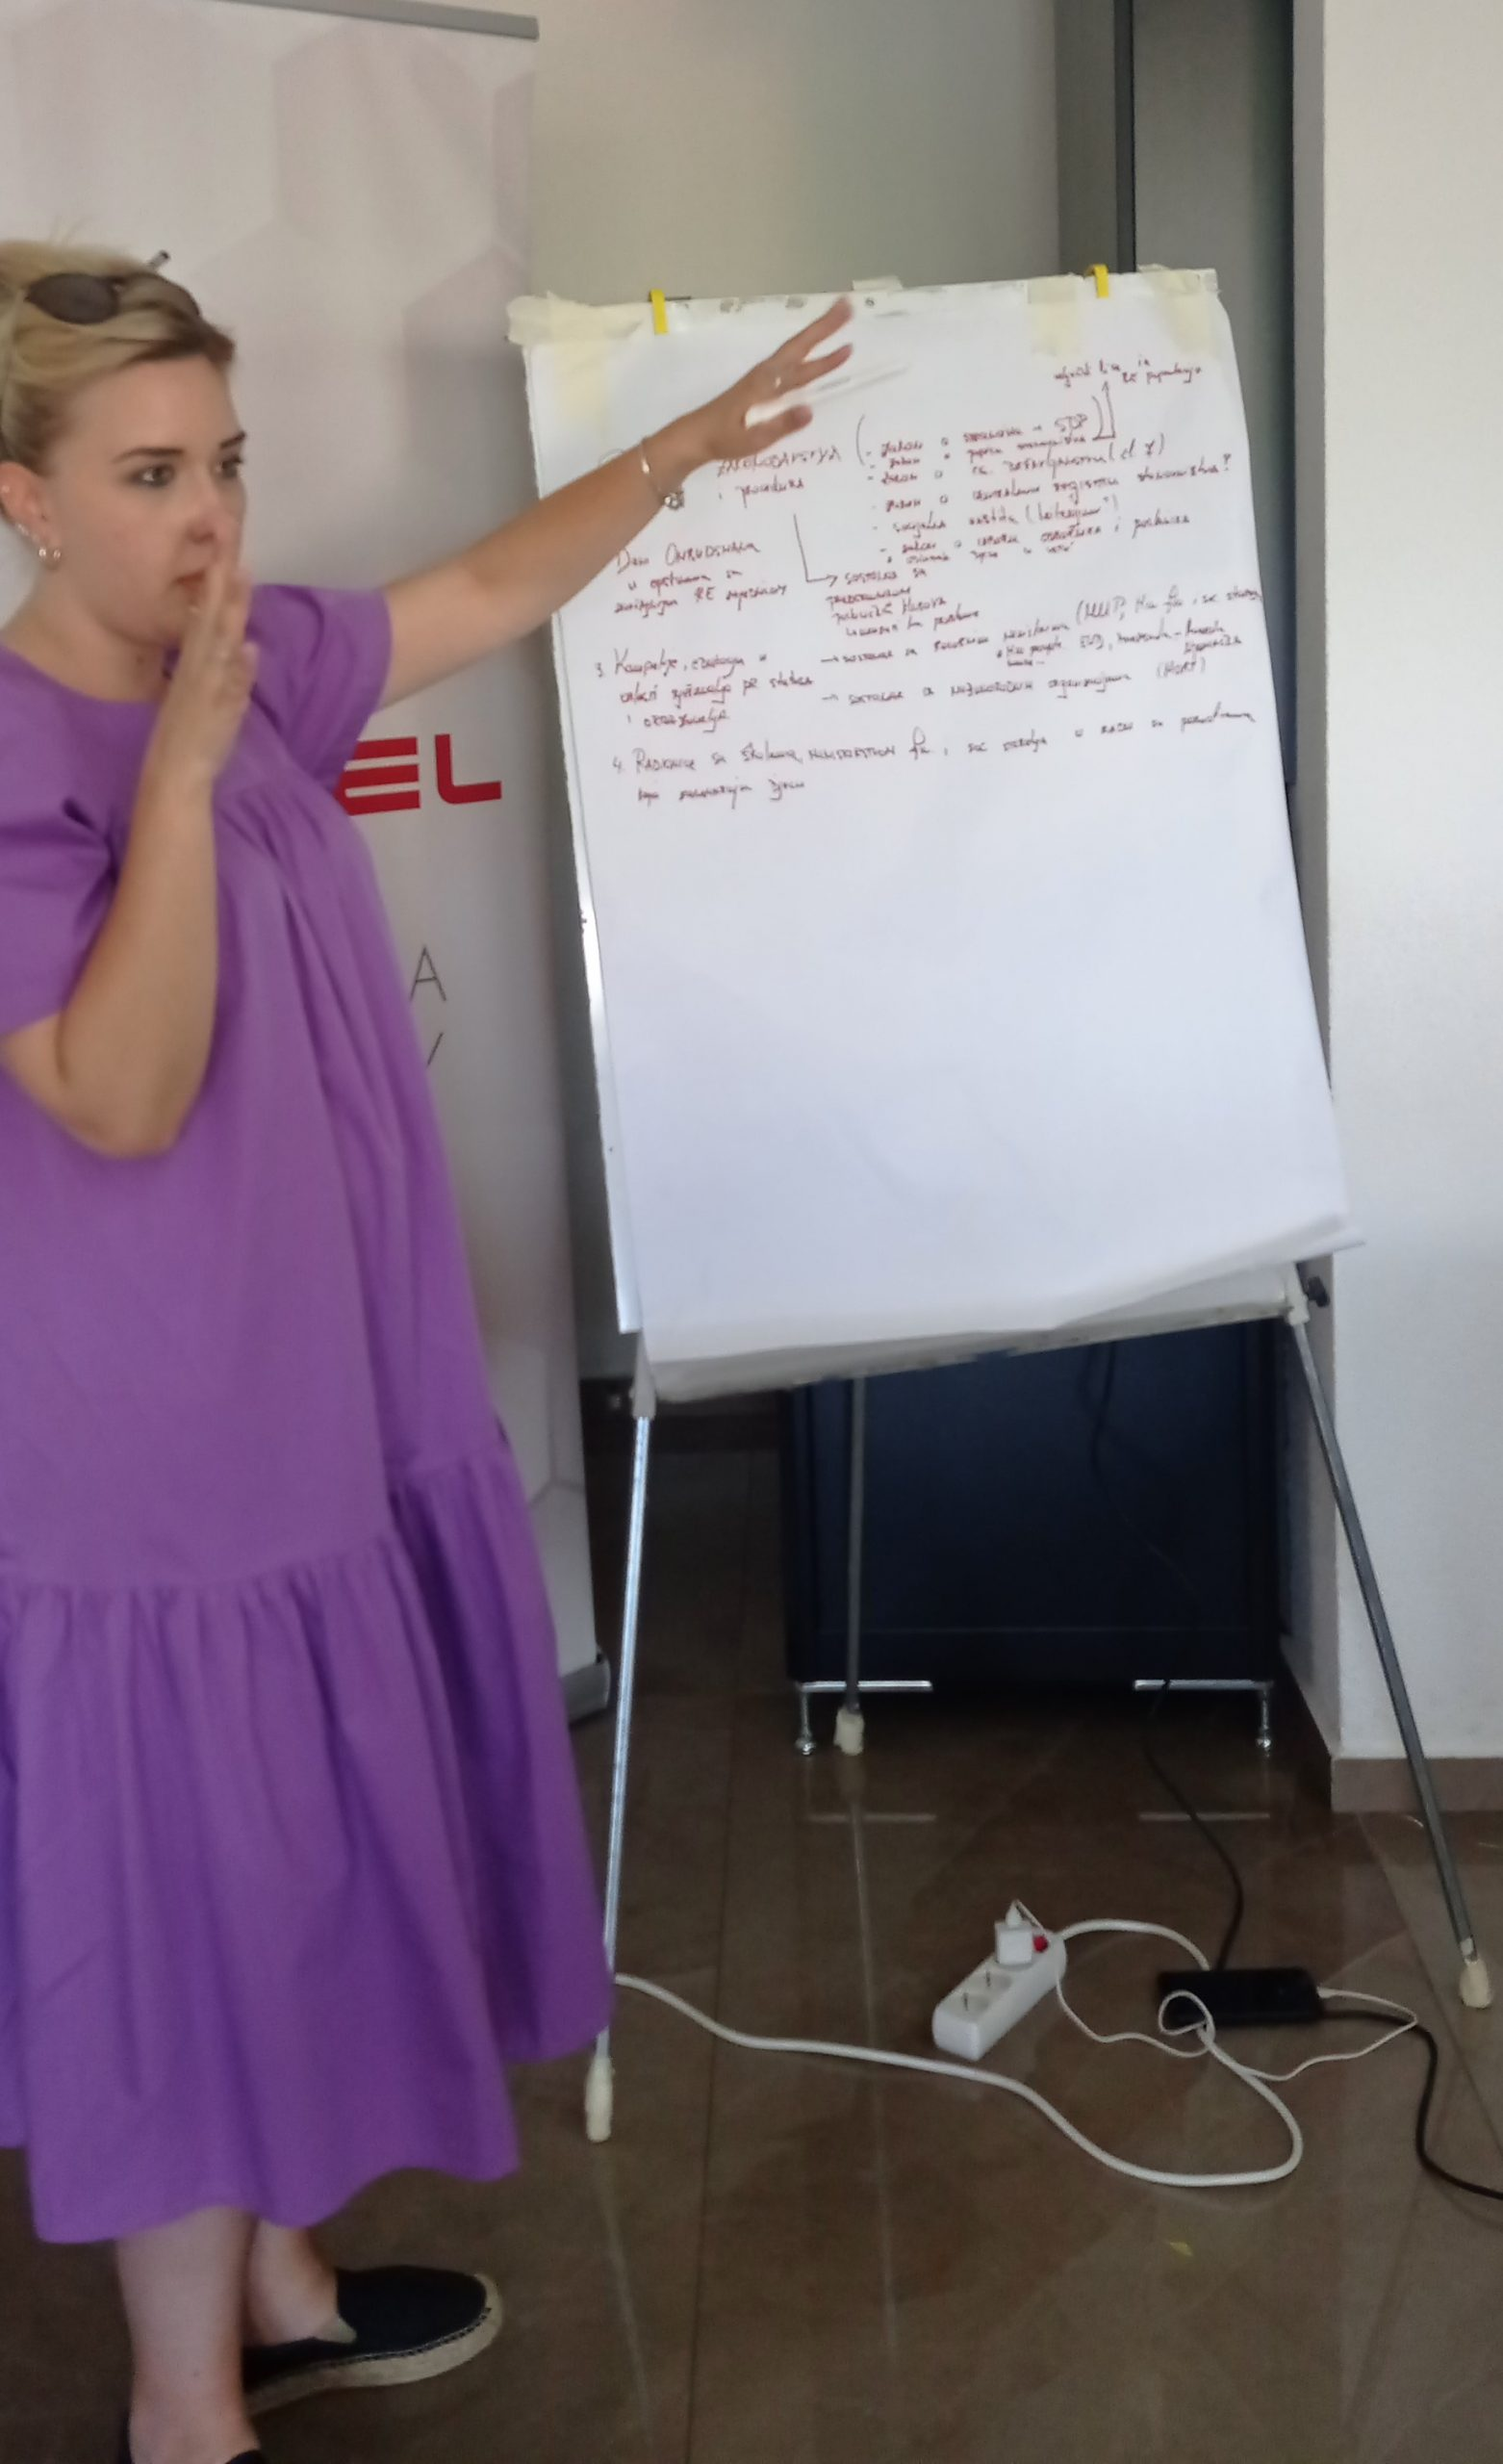 Anđela Đuković, Građanska alijansa (Foto: RomaNet)